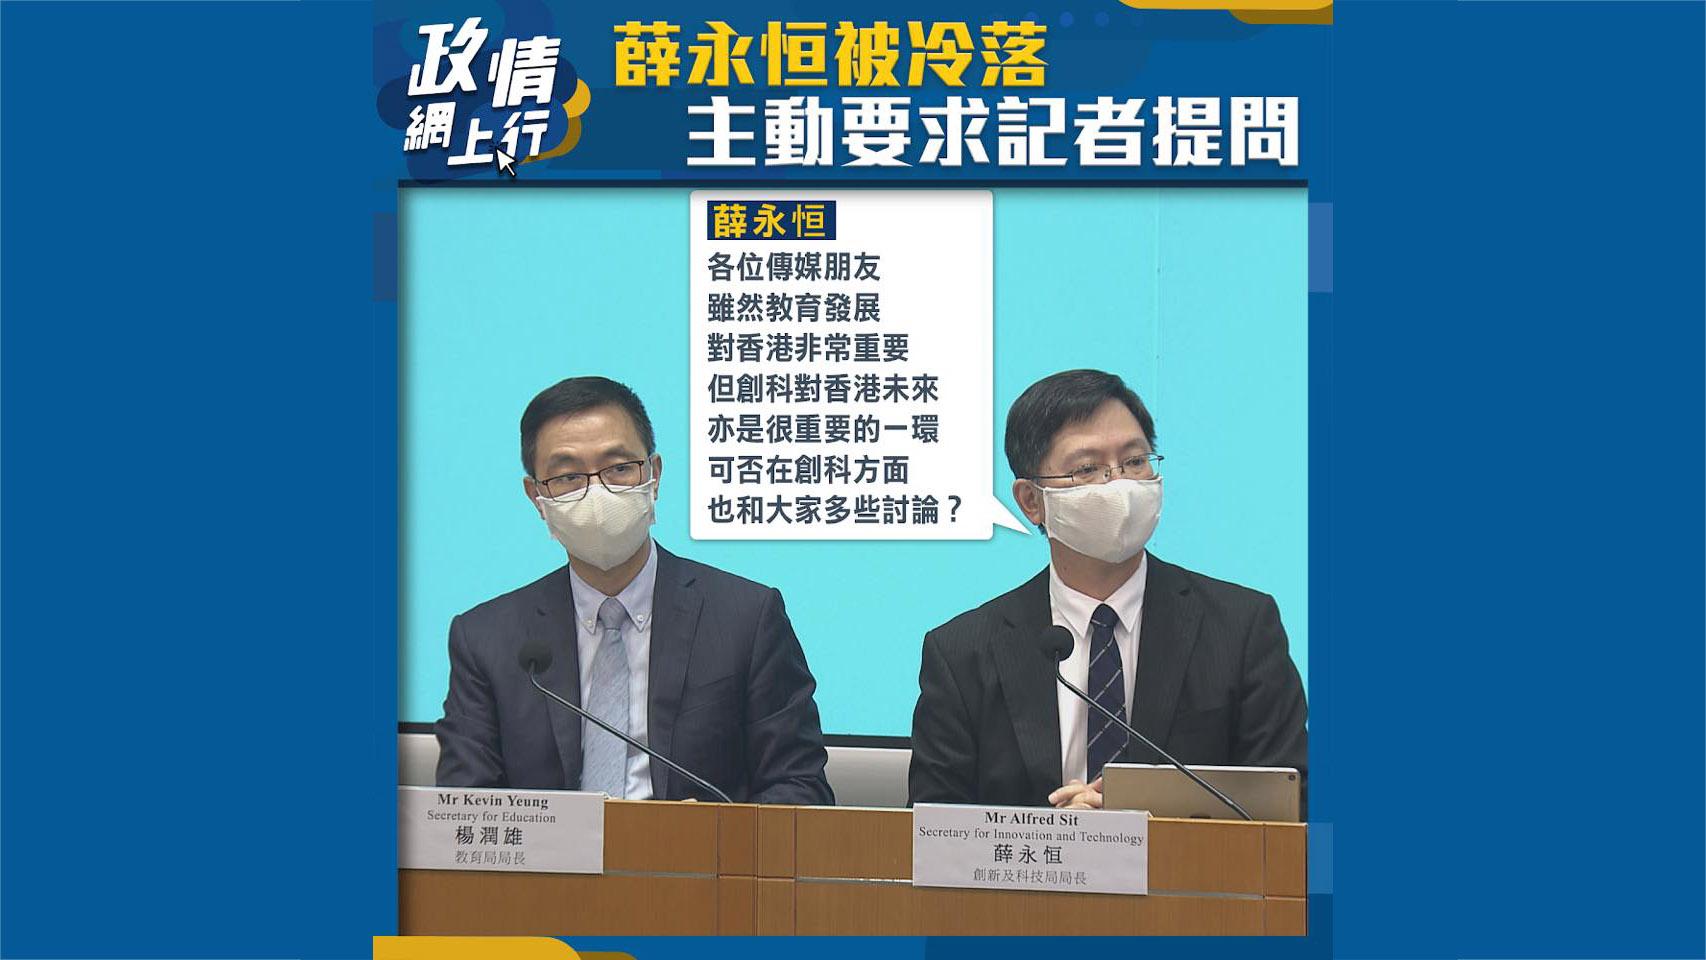 【政情網上行】薛永恒被冷落 主動要求記者提問